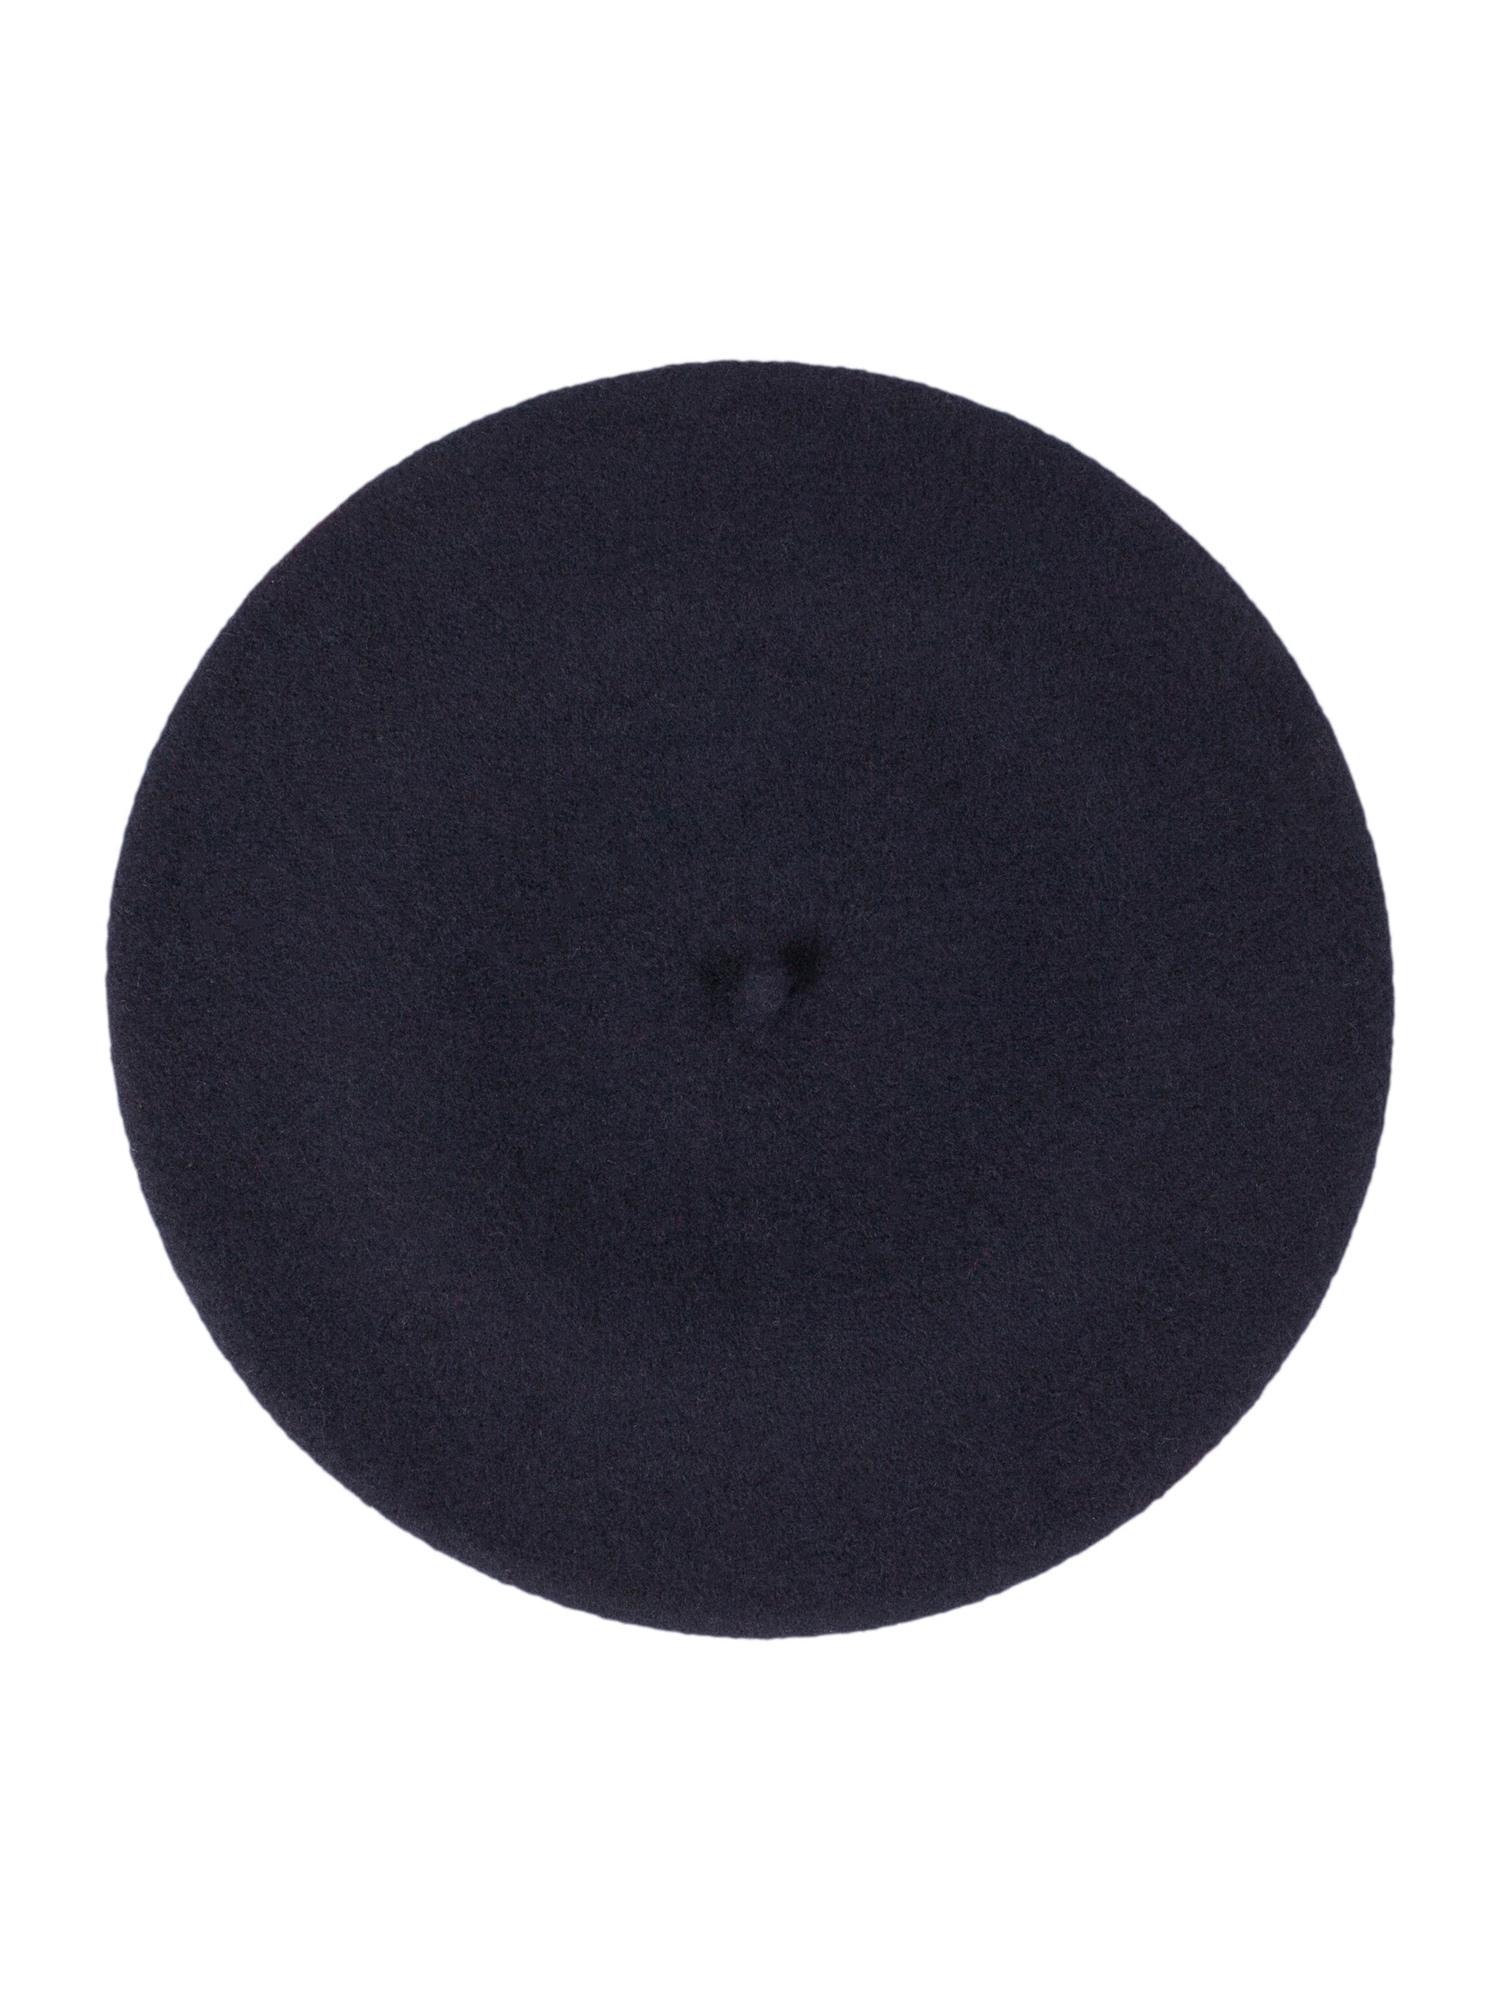 loevenich - Baskenmütze